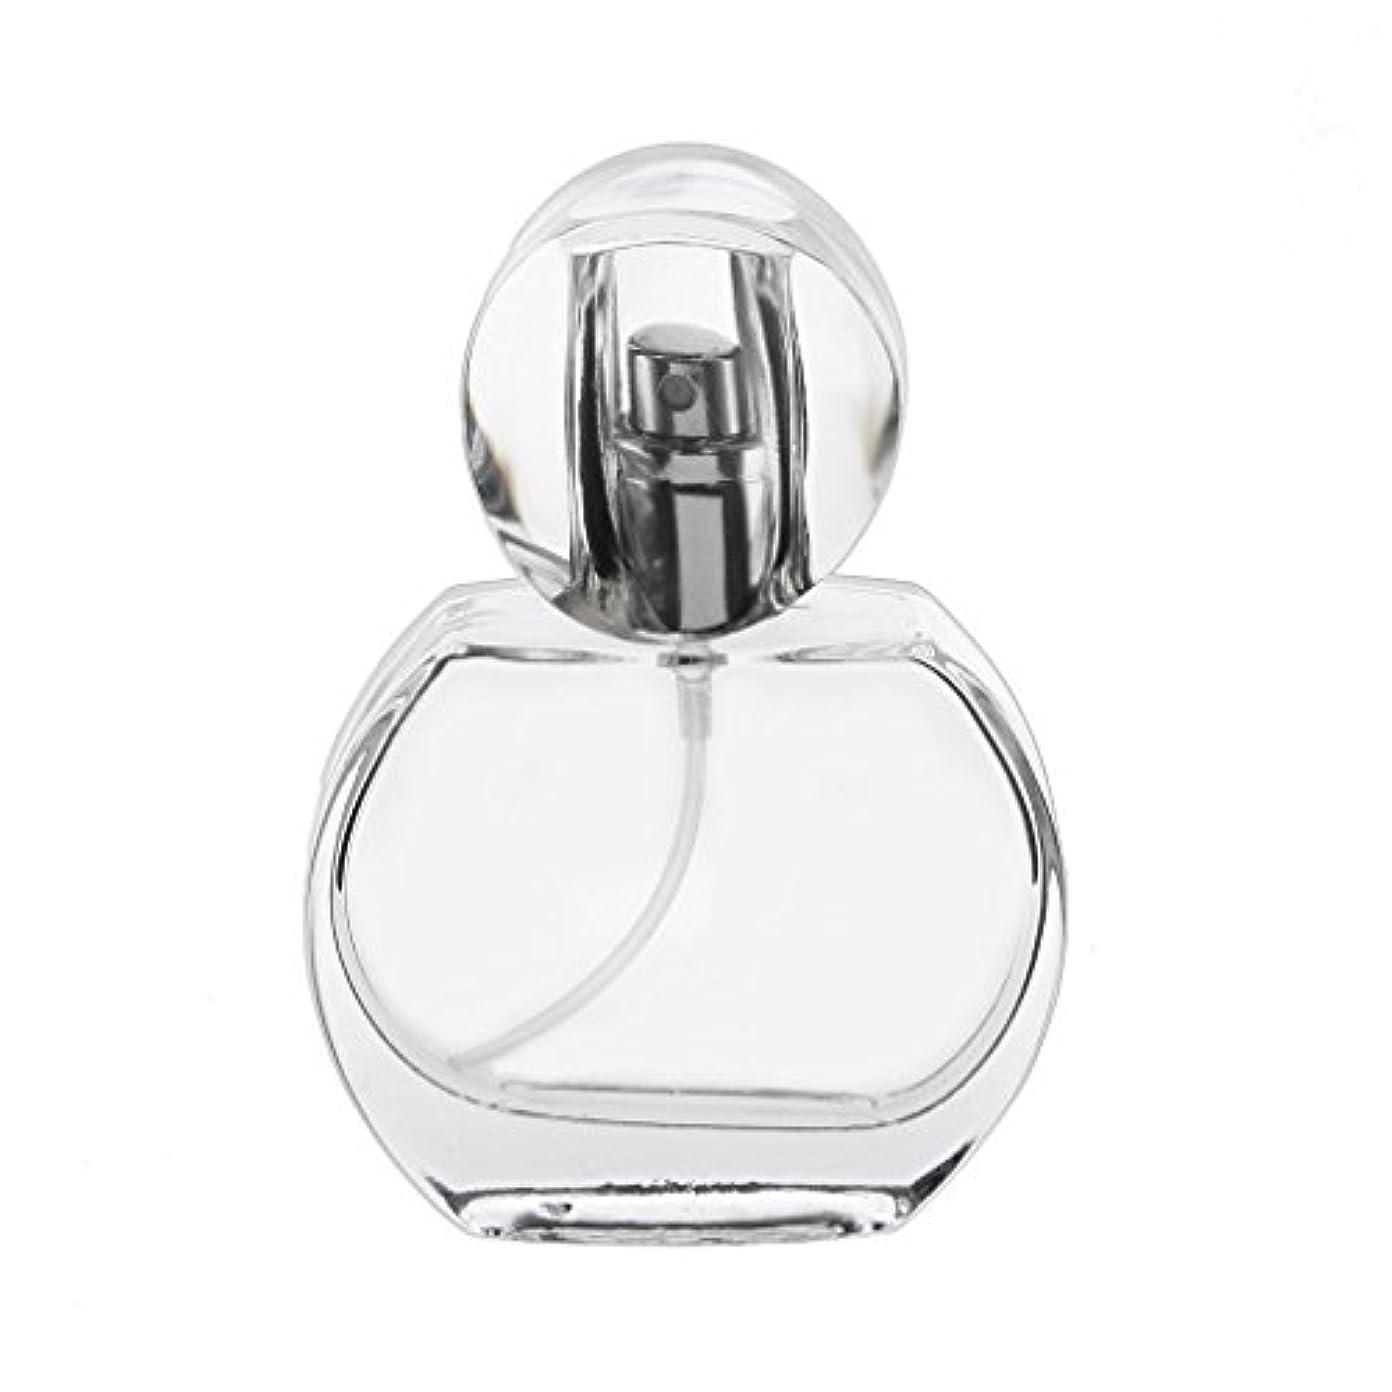 確執発動機人に関する限りSGerste l クリスタル エンプティ 空 香水瓶 スプレーボトル アトマイザー 詰め替え 携帯便利 30m